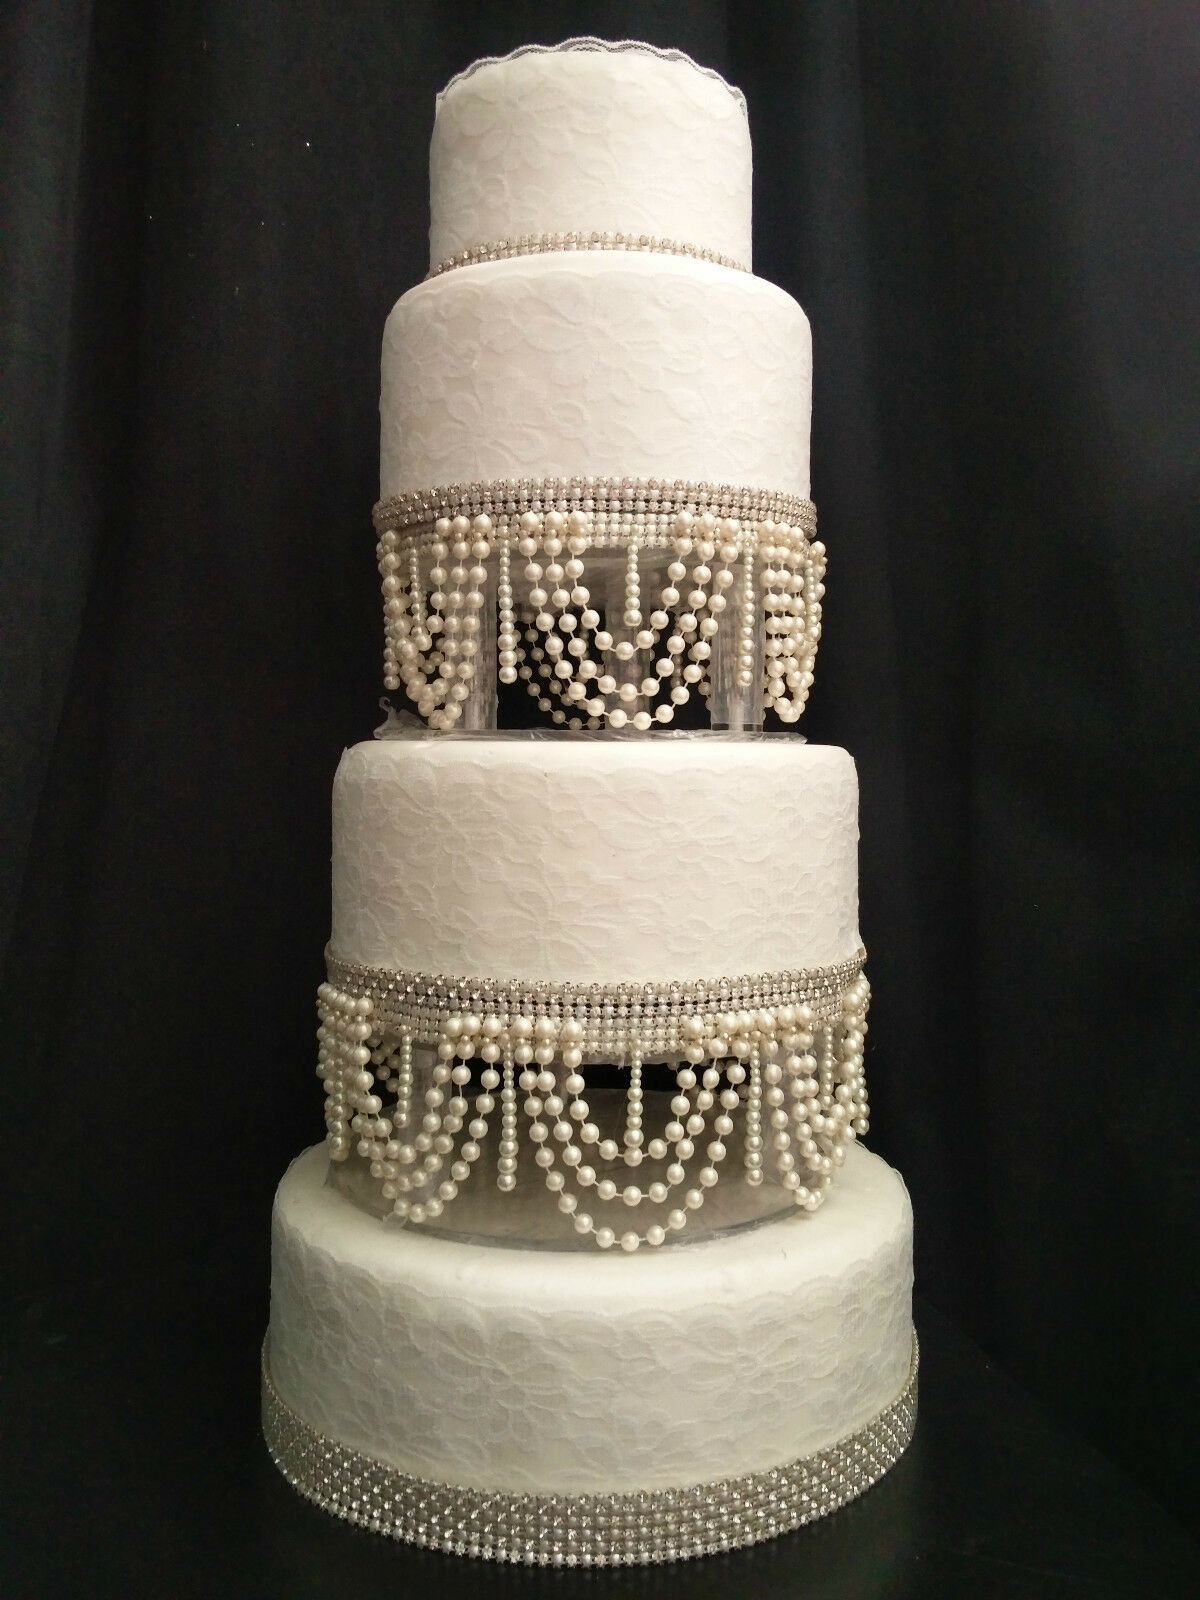 Pearl swag design gateau de mariage support. séparateurs